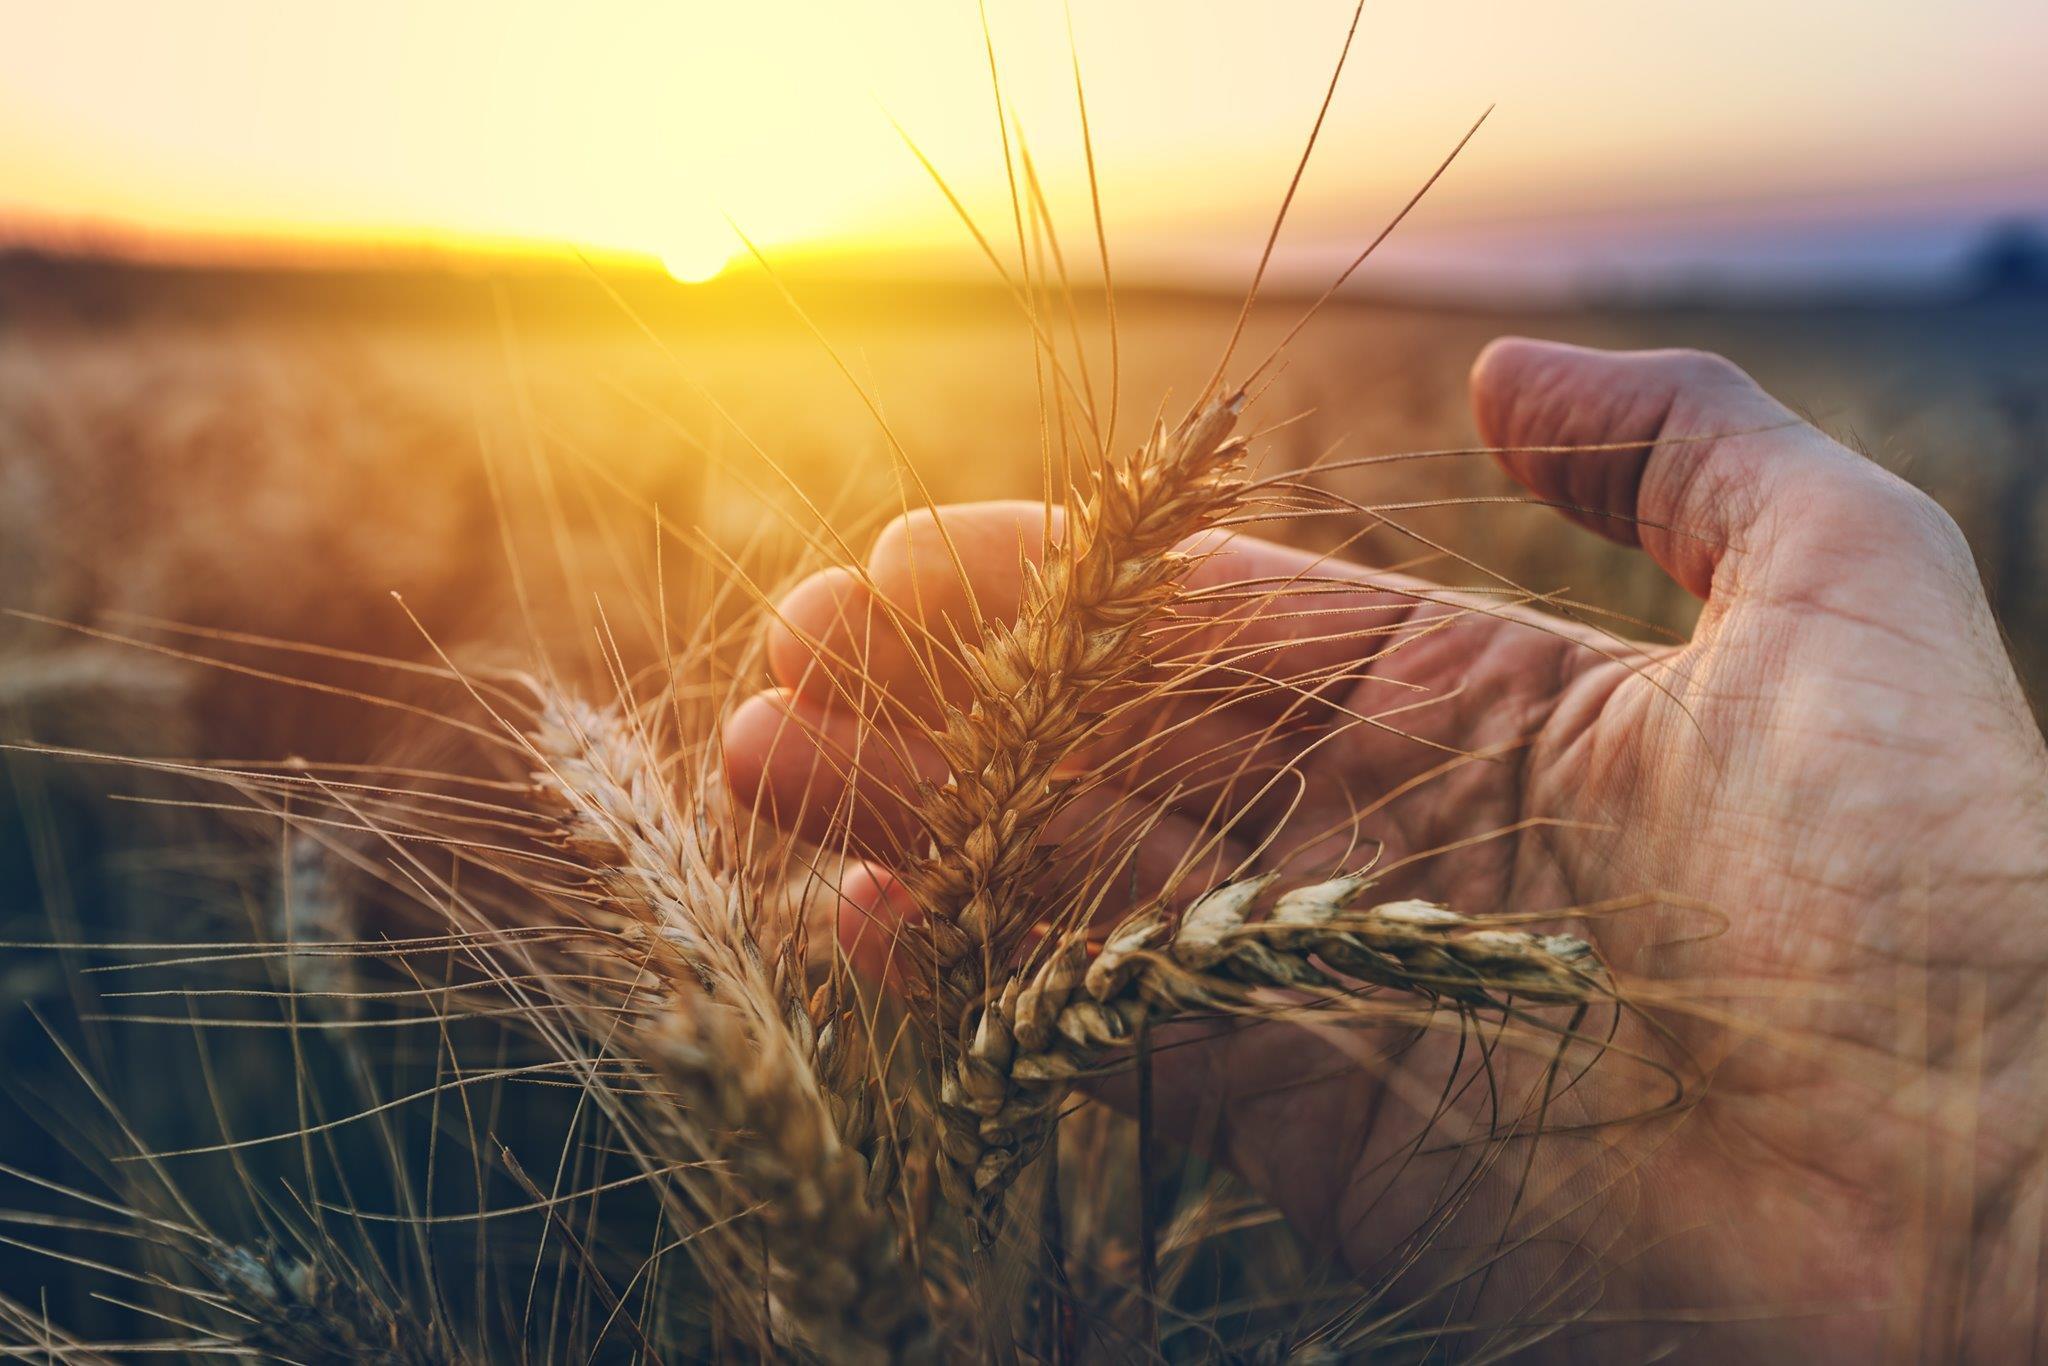 campo di grano dimitria-prodotti-di-madre-terra-ecommerce-vendita online olio-vino-pasta bio